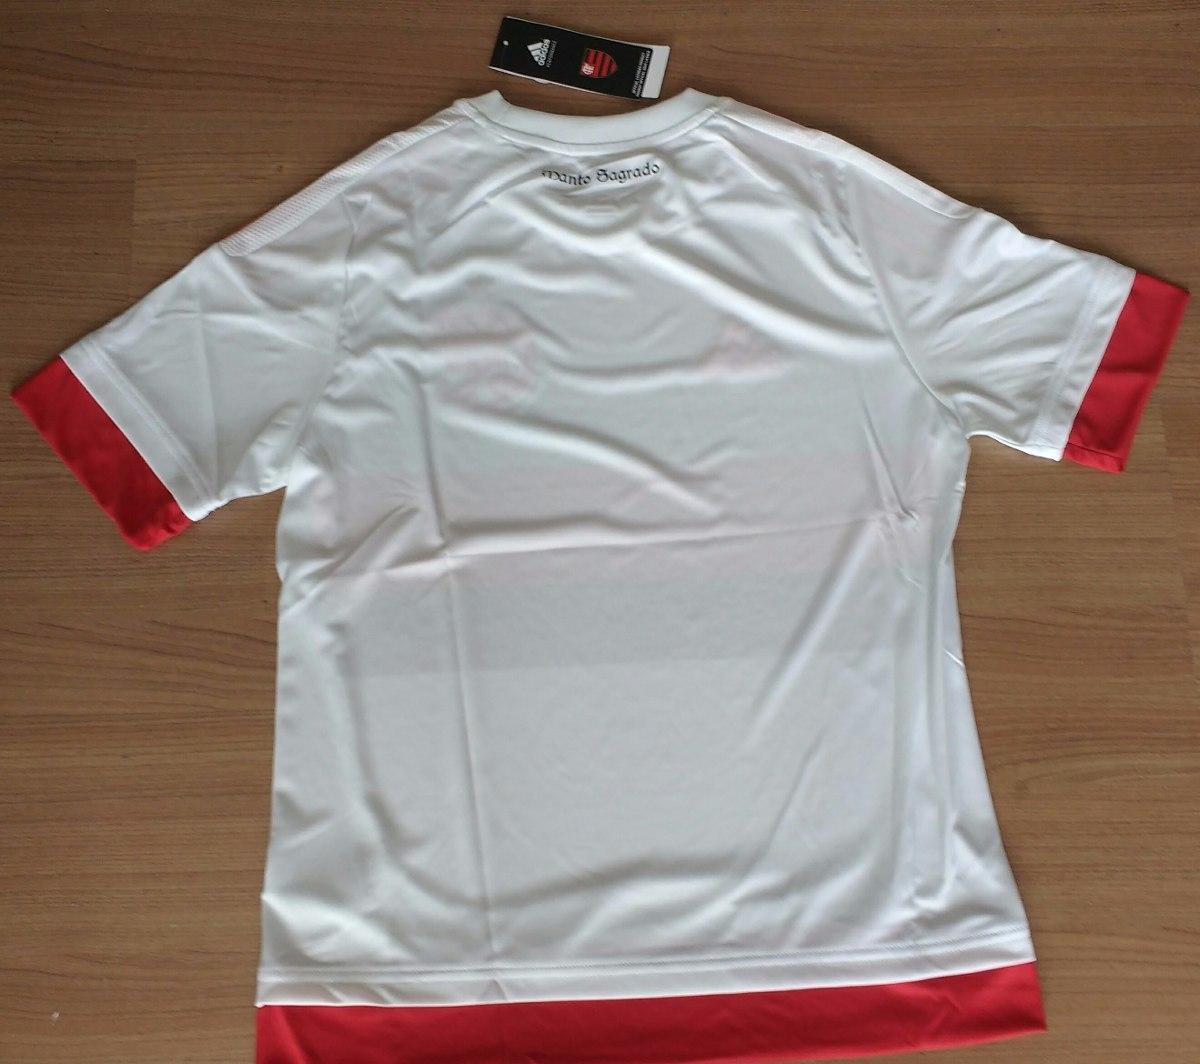 30e58b4665 camisa do flamengo feminina original adidas climacool. Carregando zoom.